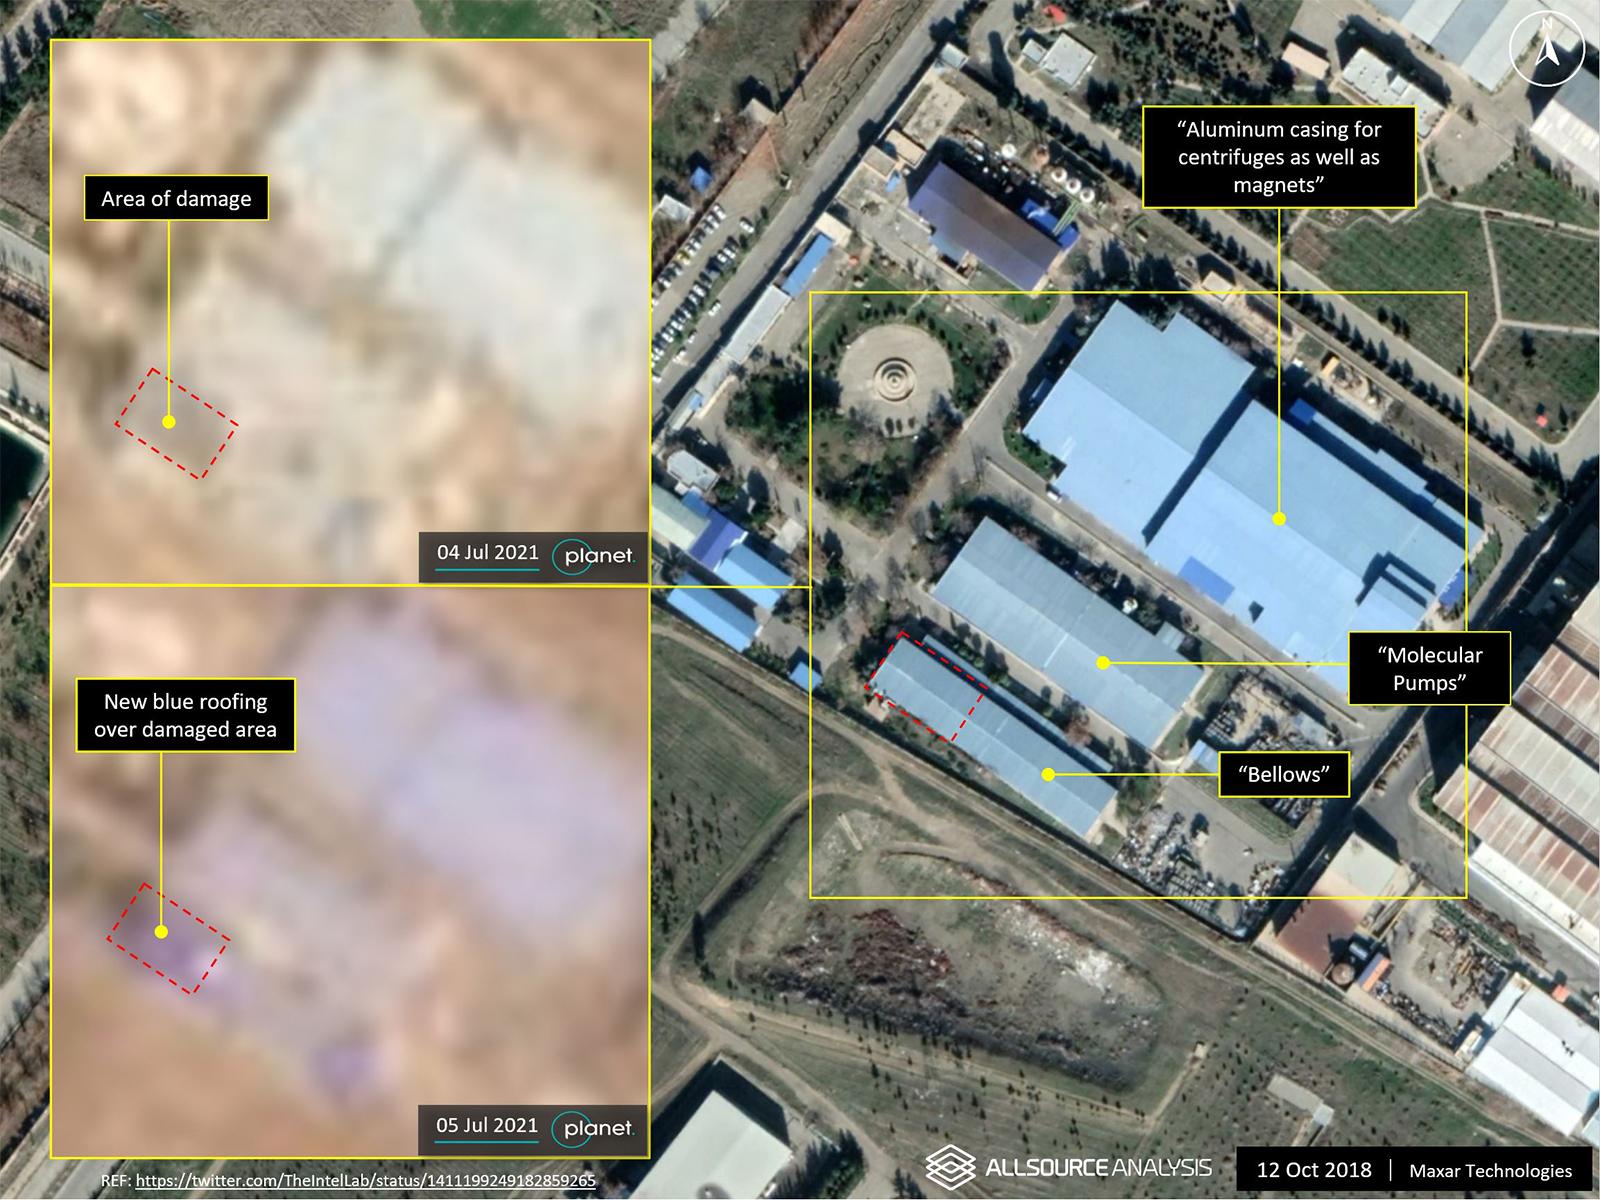 آژانس بینالمللی انرژی اتمی: نابودی و گم شدن یک دوربین و برخی تجهیزات در ساختمان سازمان انرژی اتمی در کرج